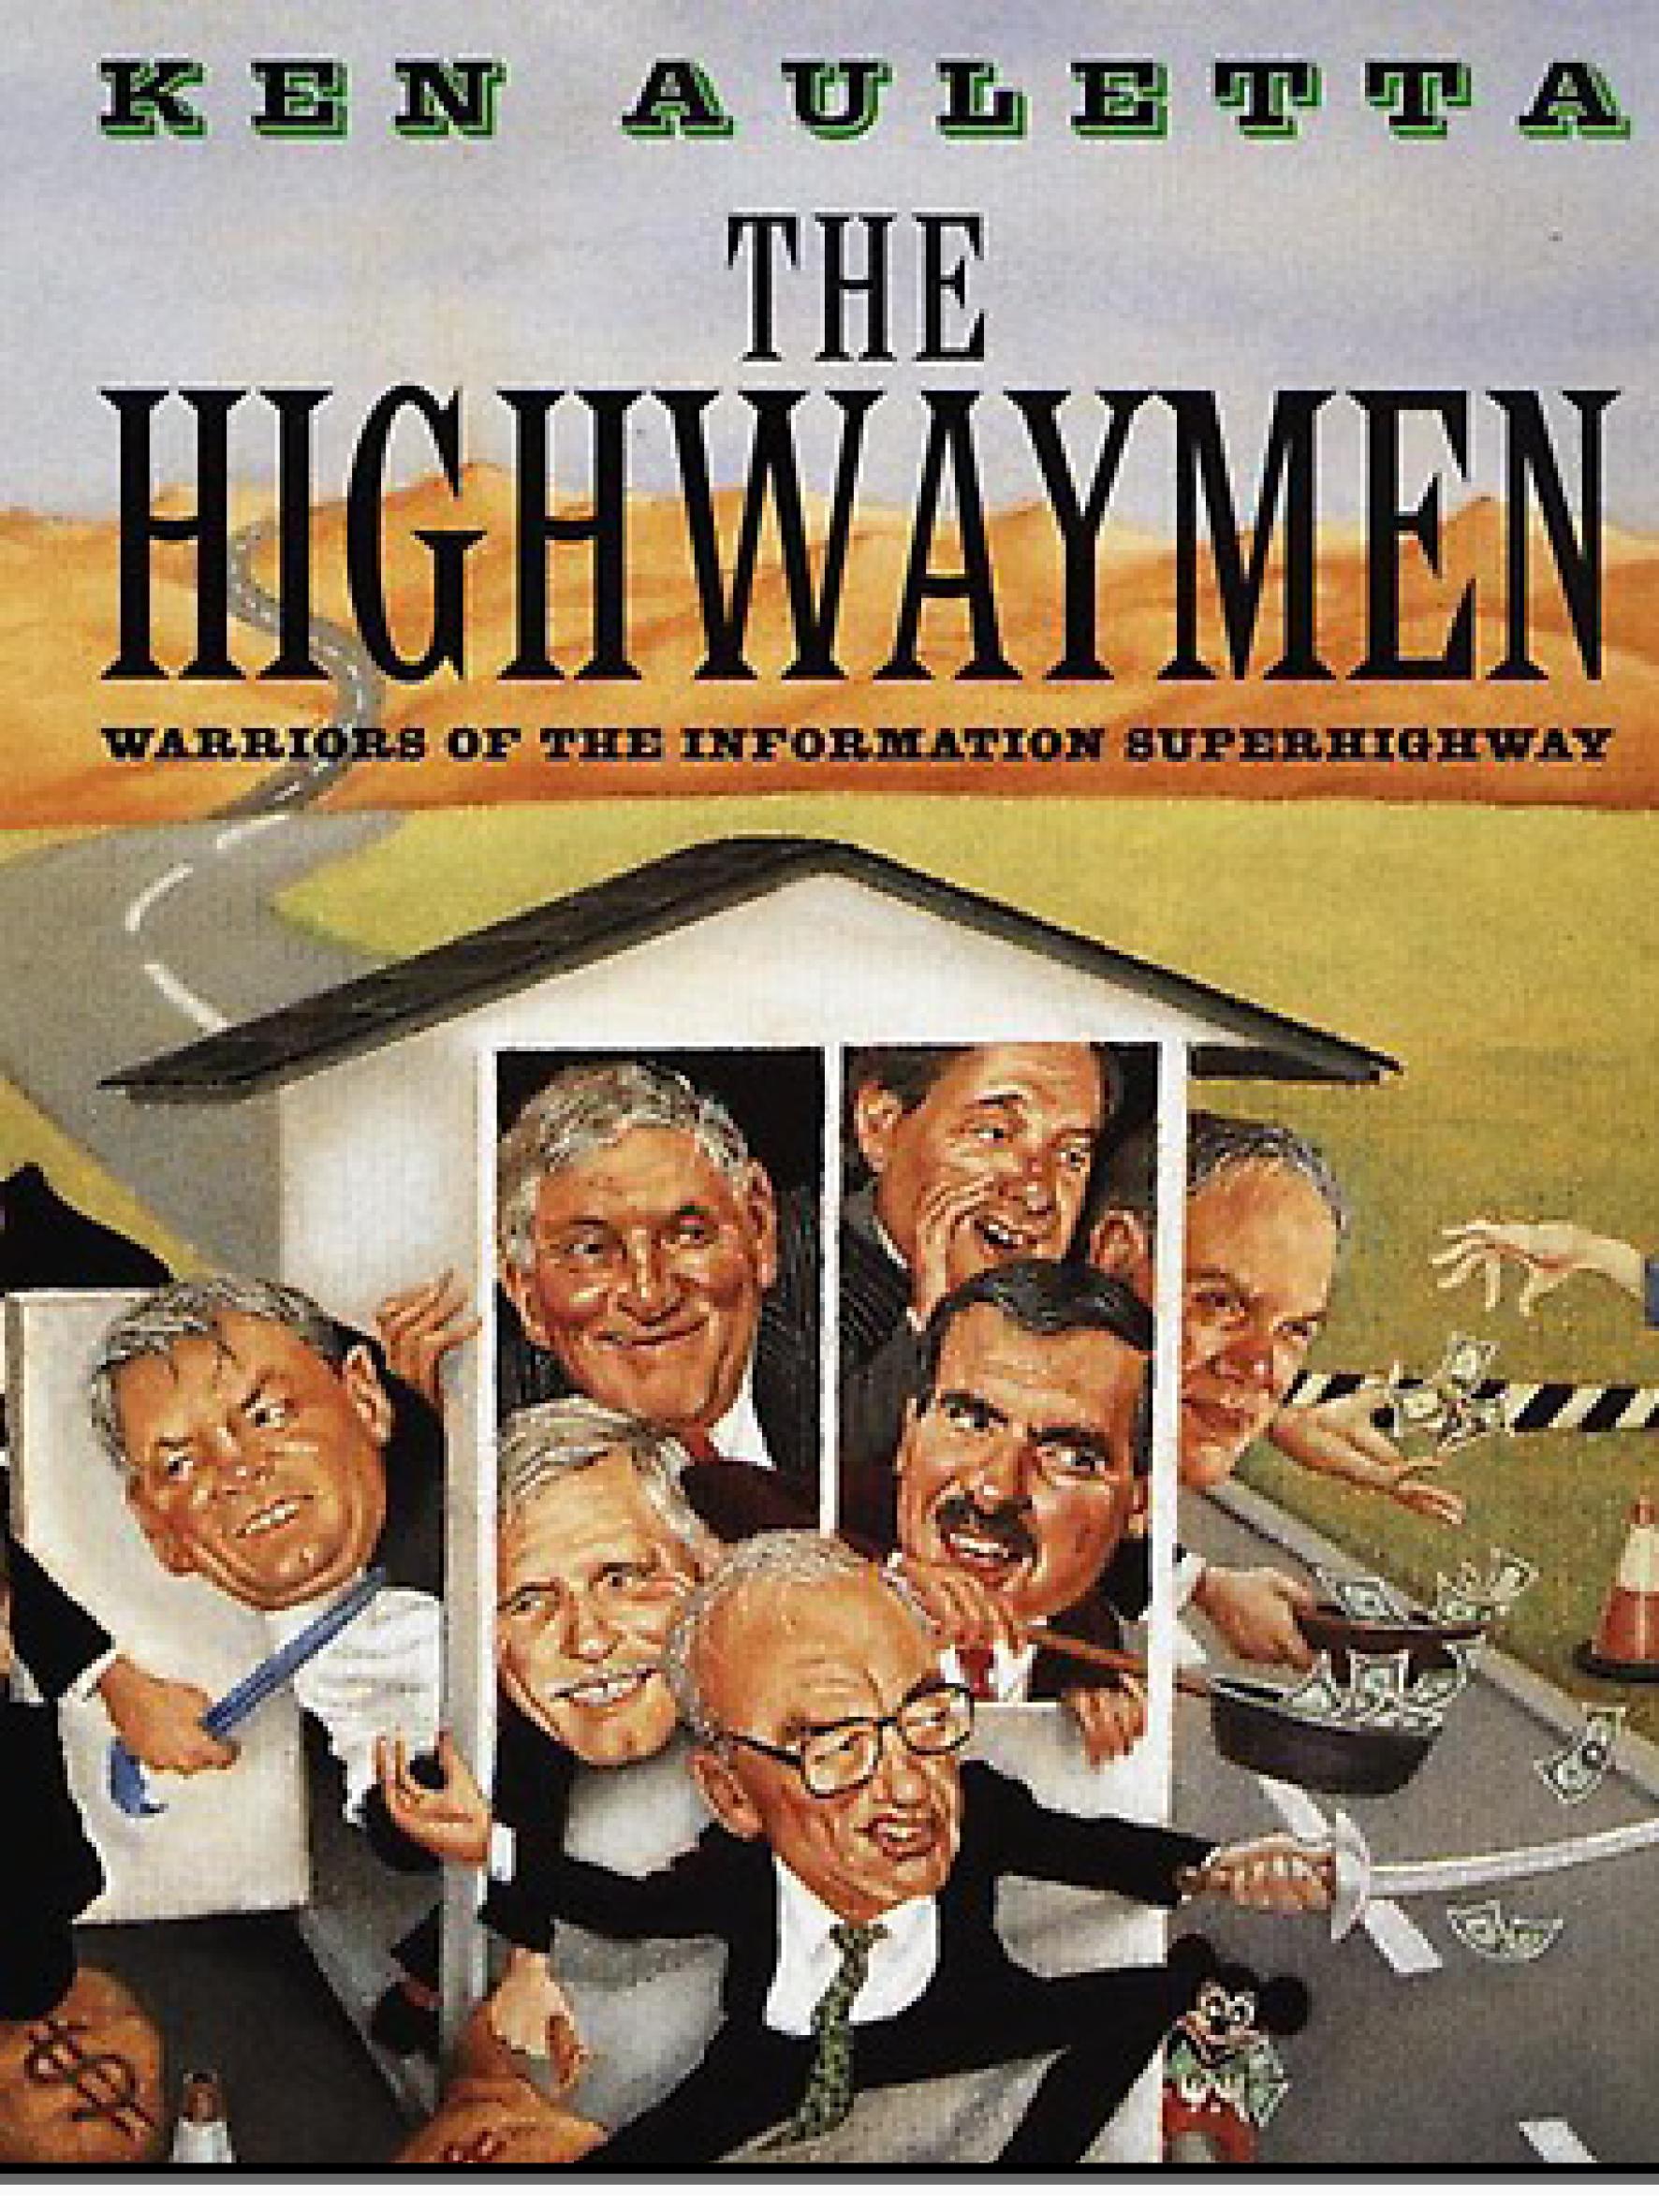 The Highwaymen: Warriors of the Information Superhighway     Ken Auletta    2011